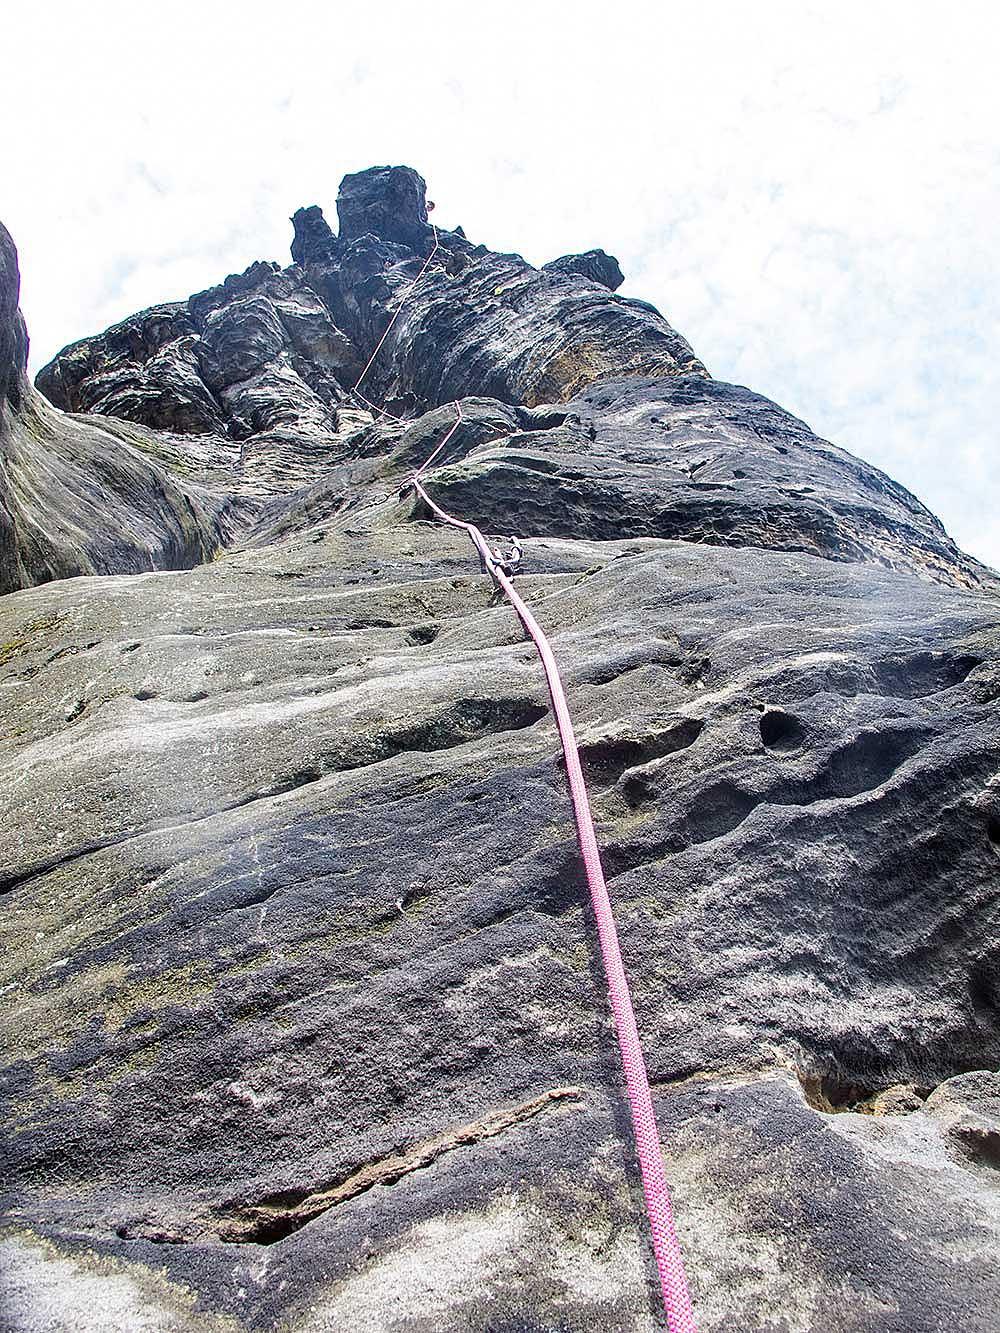 Jako druholezec mám cestu mnohem lehčí, lano jde nahoru